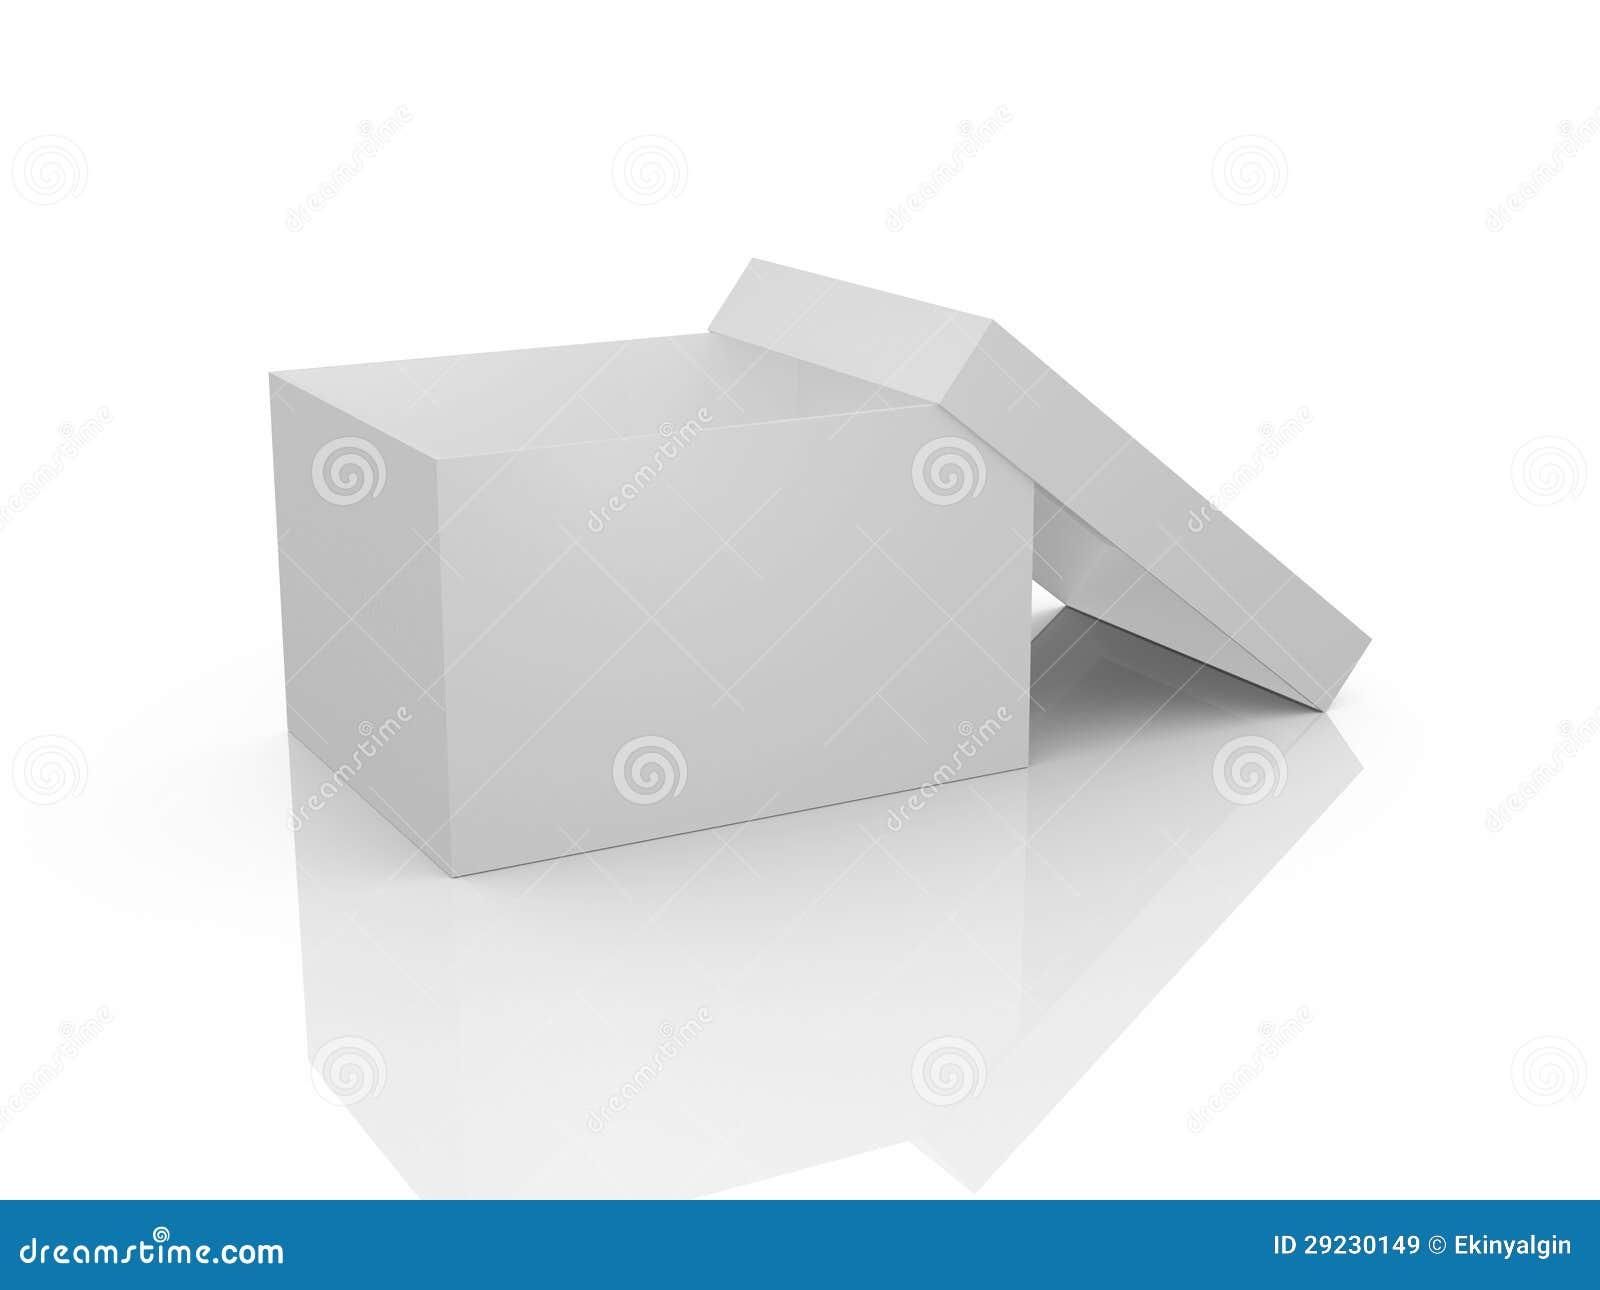 Download Caixa branca vazia ilustração stock. Ilustração de ninguém - 29230149